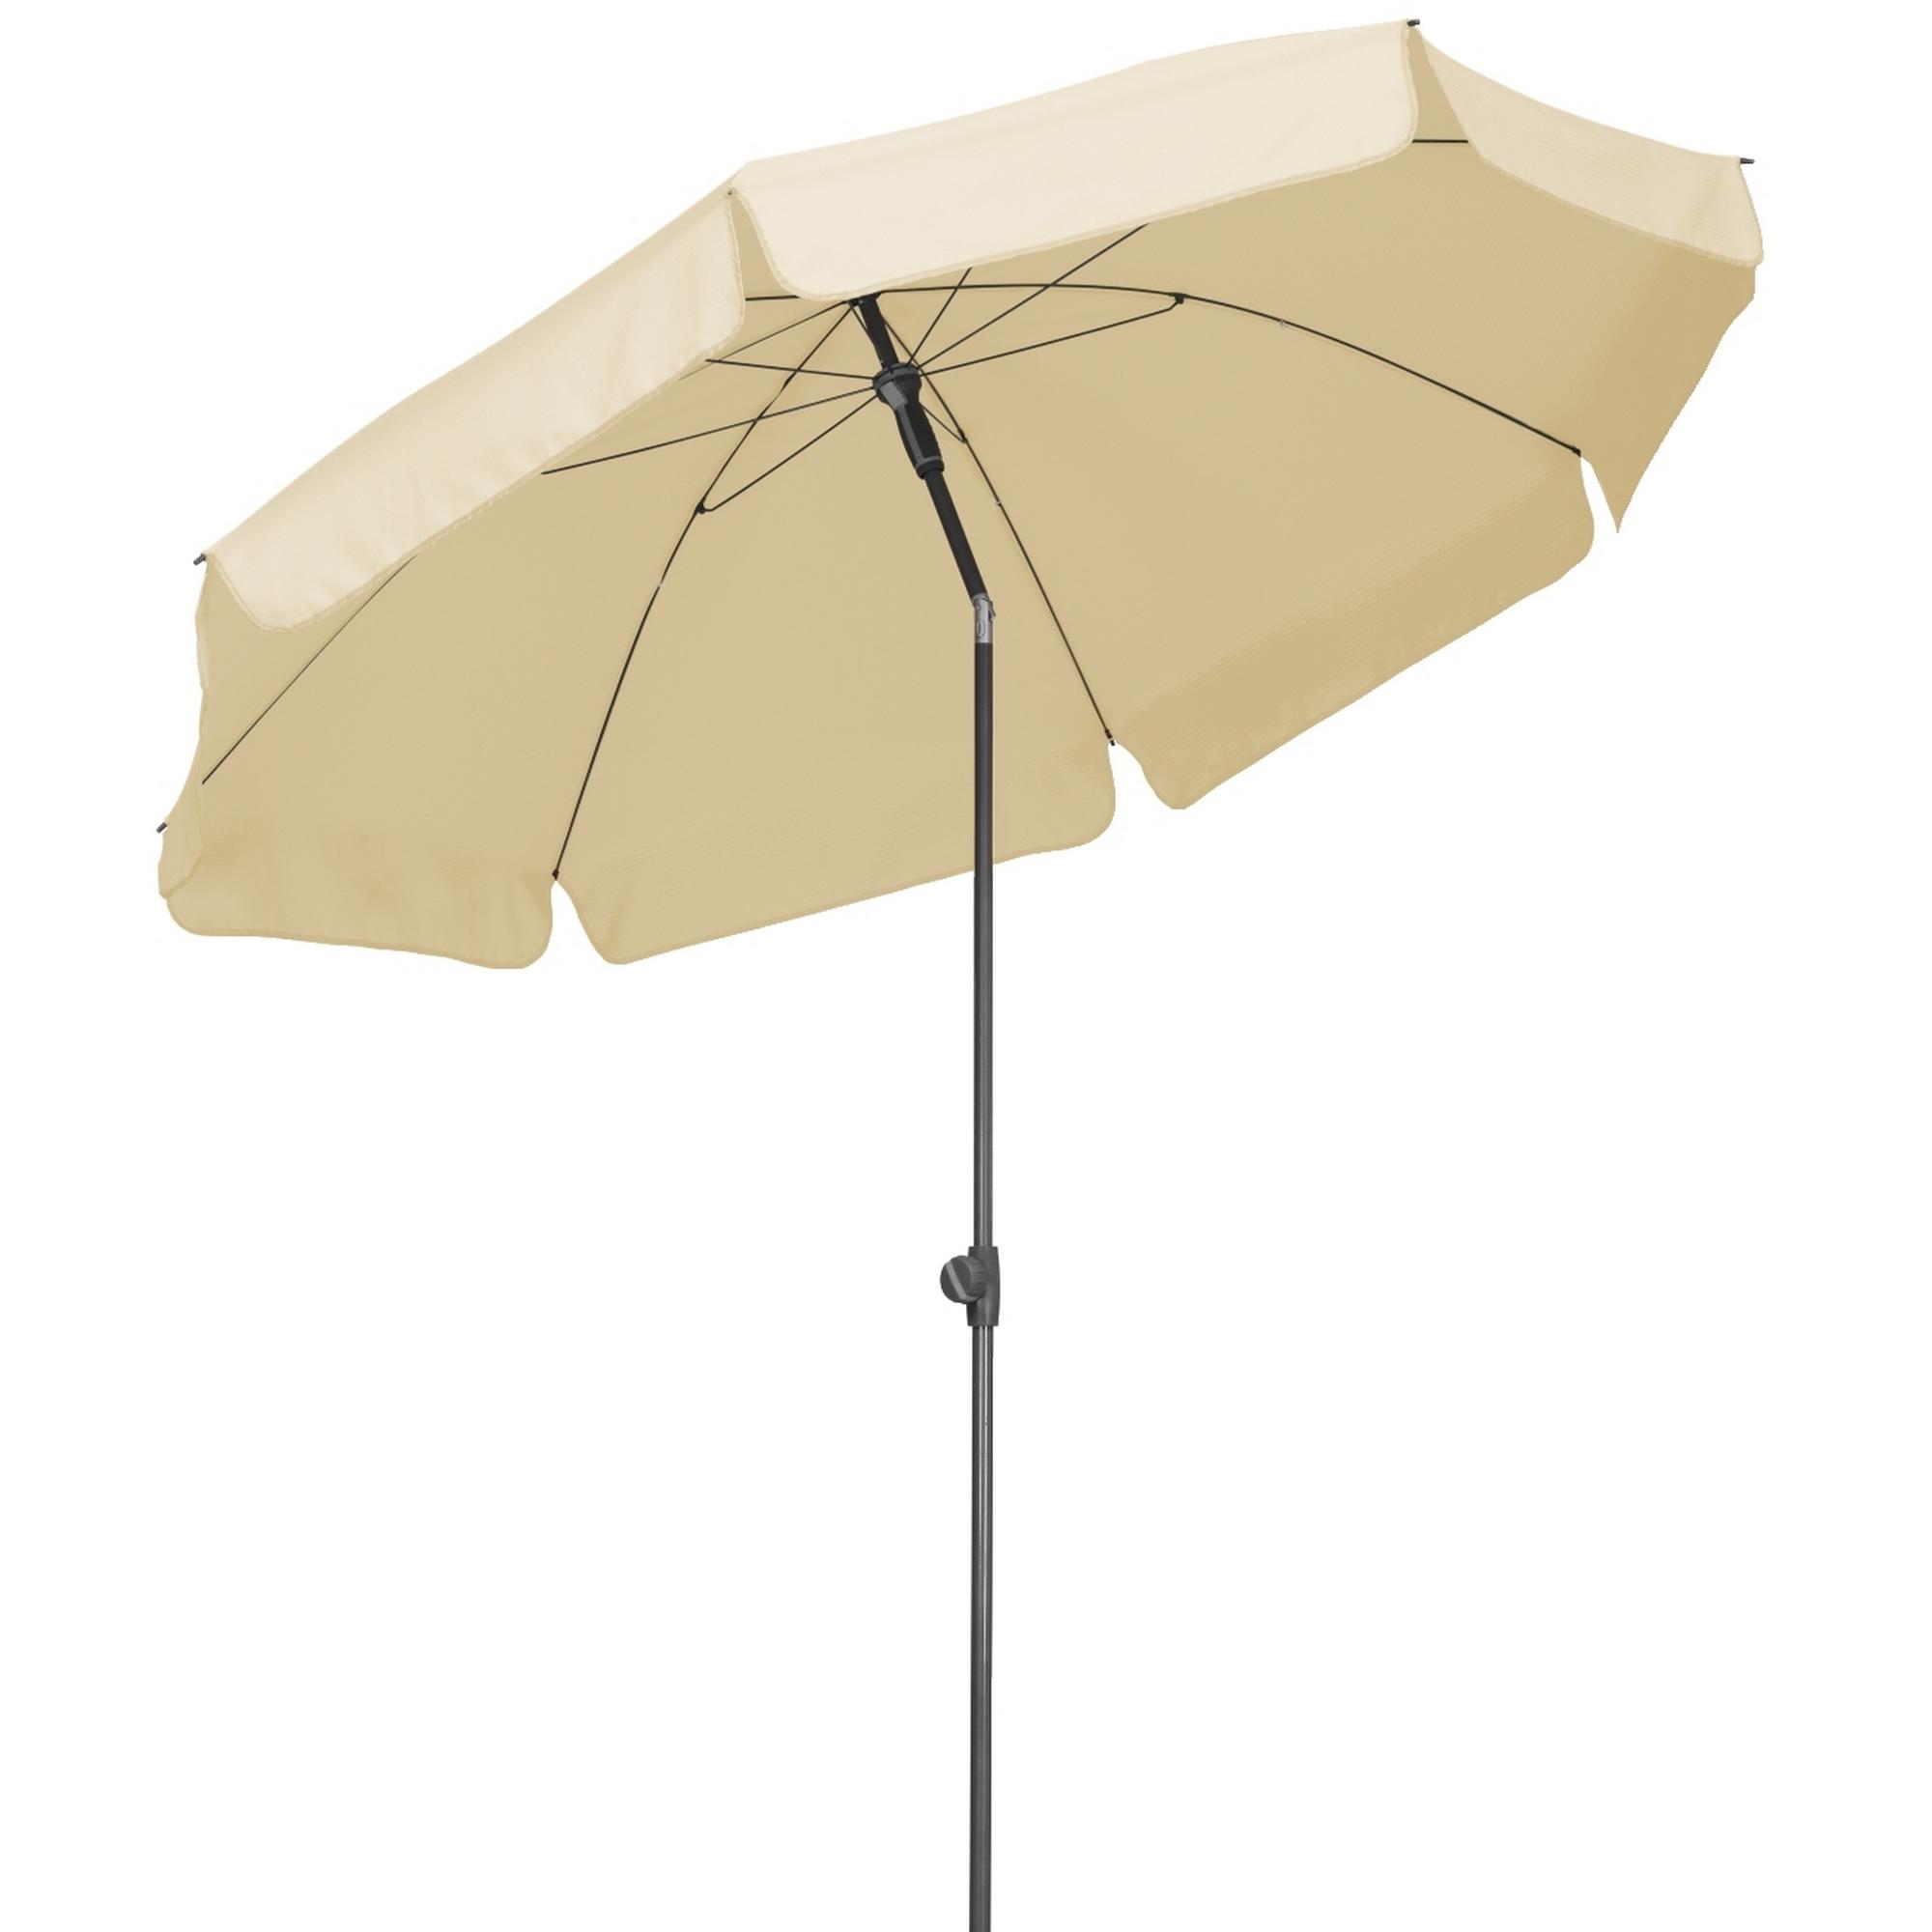 Schneider Schirme Sonnenschirm AQUILA, Ø 200 cm, natur